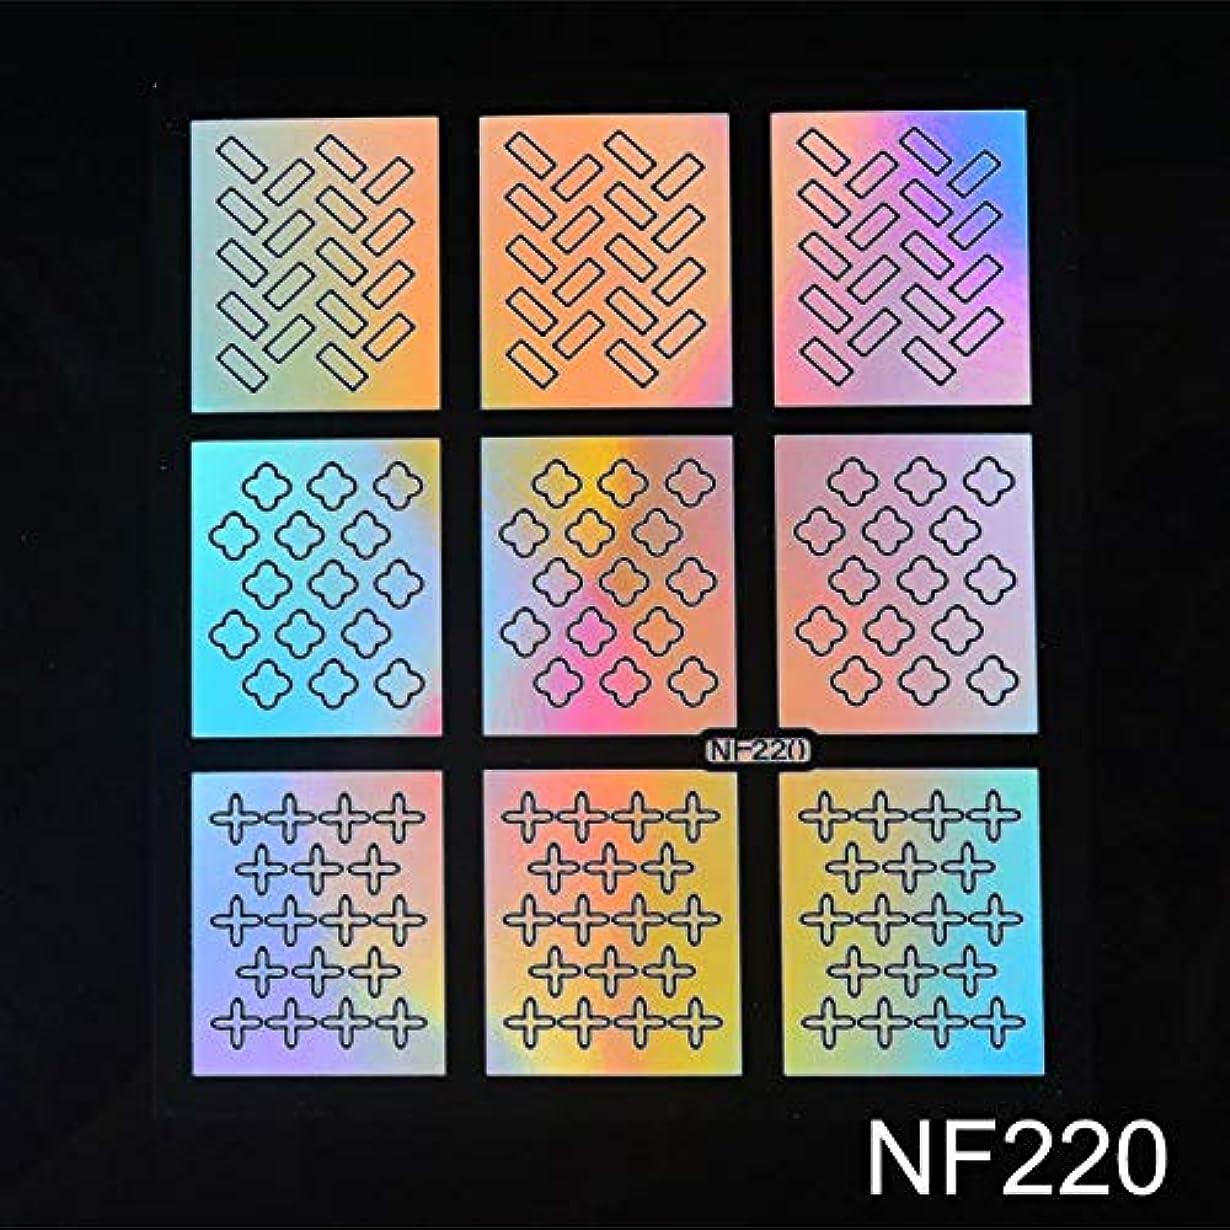 前進しなやかなアグネスグレイSUKTI&XIAO ネイルステッカー 中空ネイルアートステッカーステンシルヒントガイド転送ステッカーアクセサリーヒントネイルデカールデコレーション、Nf220